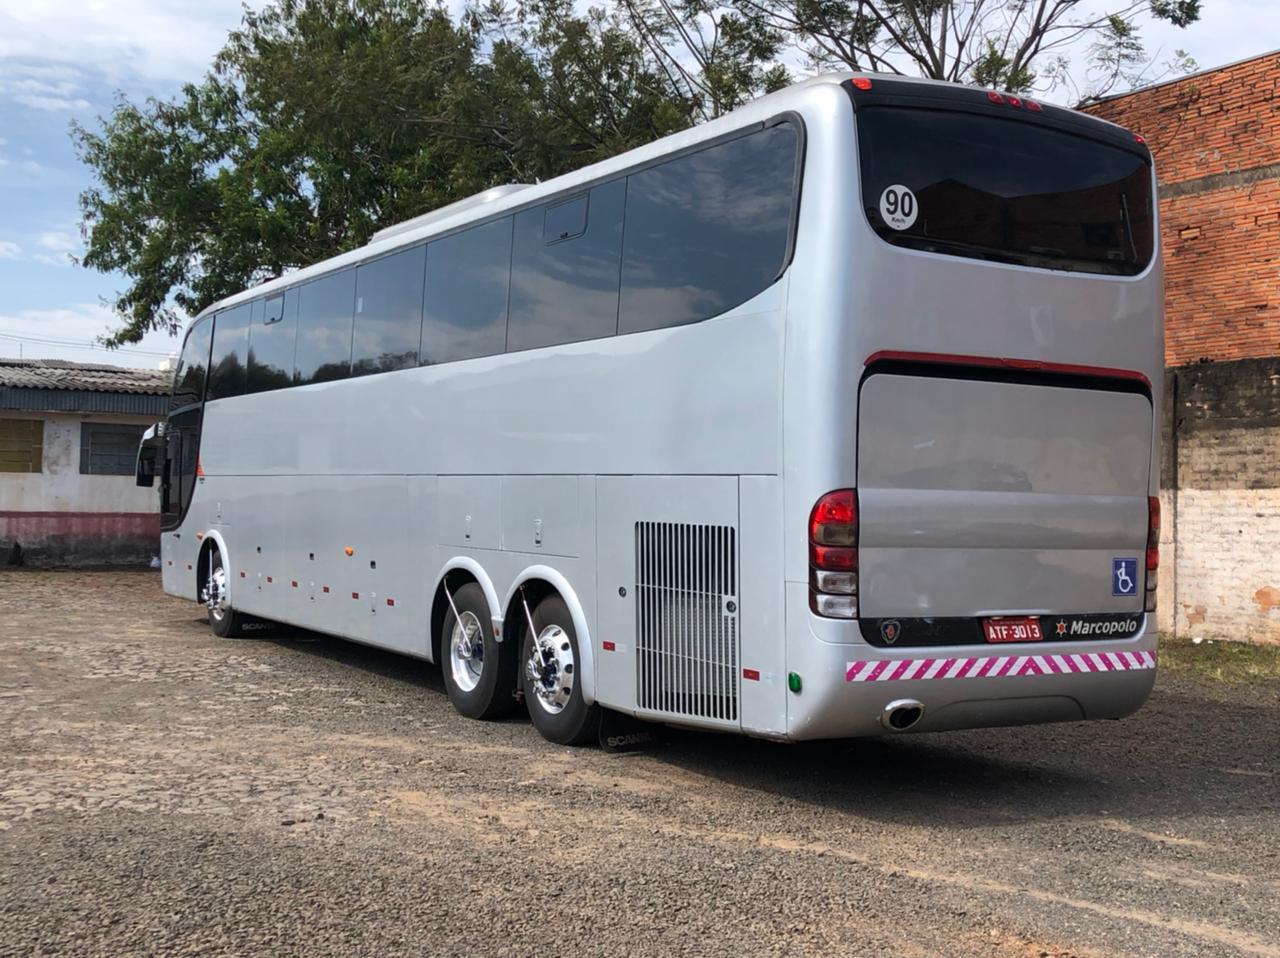 PR: Detran vai transformar ônibus doado pela Receita Federal em posto móvel